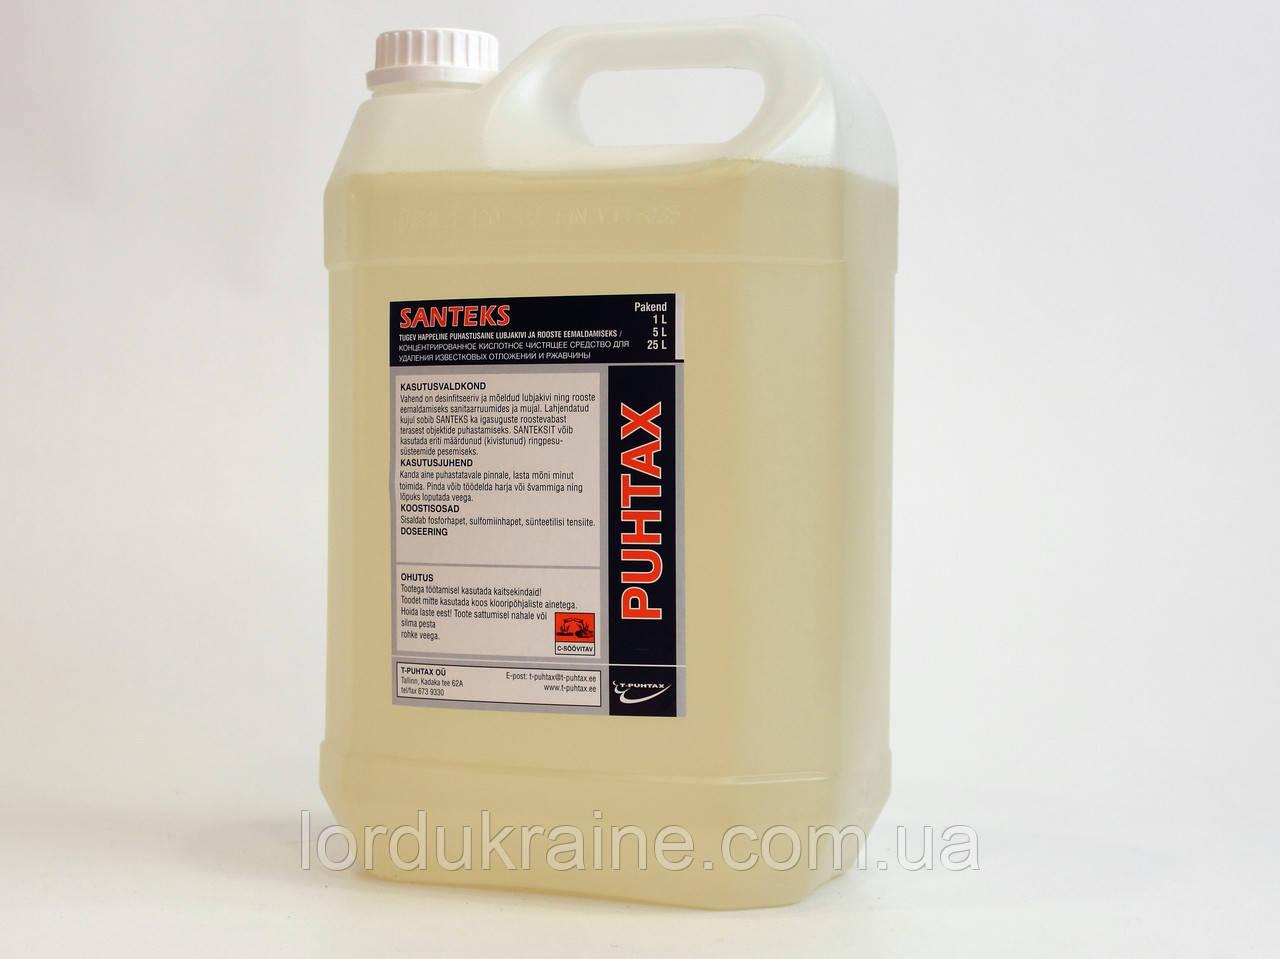 Сильнодействующее кислотное чистящее средство для удаления ржавчины и известкового налета SANTEKS, 20 литров